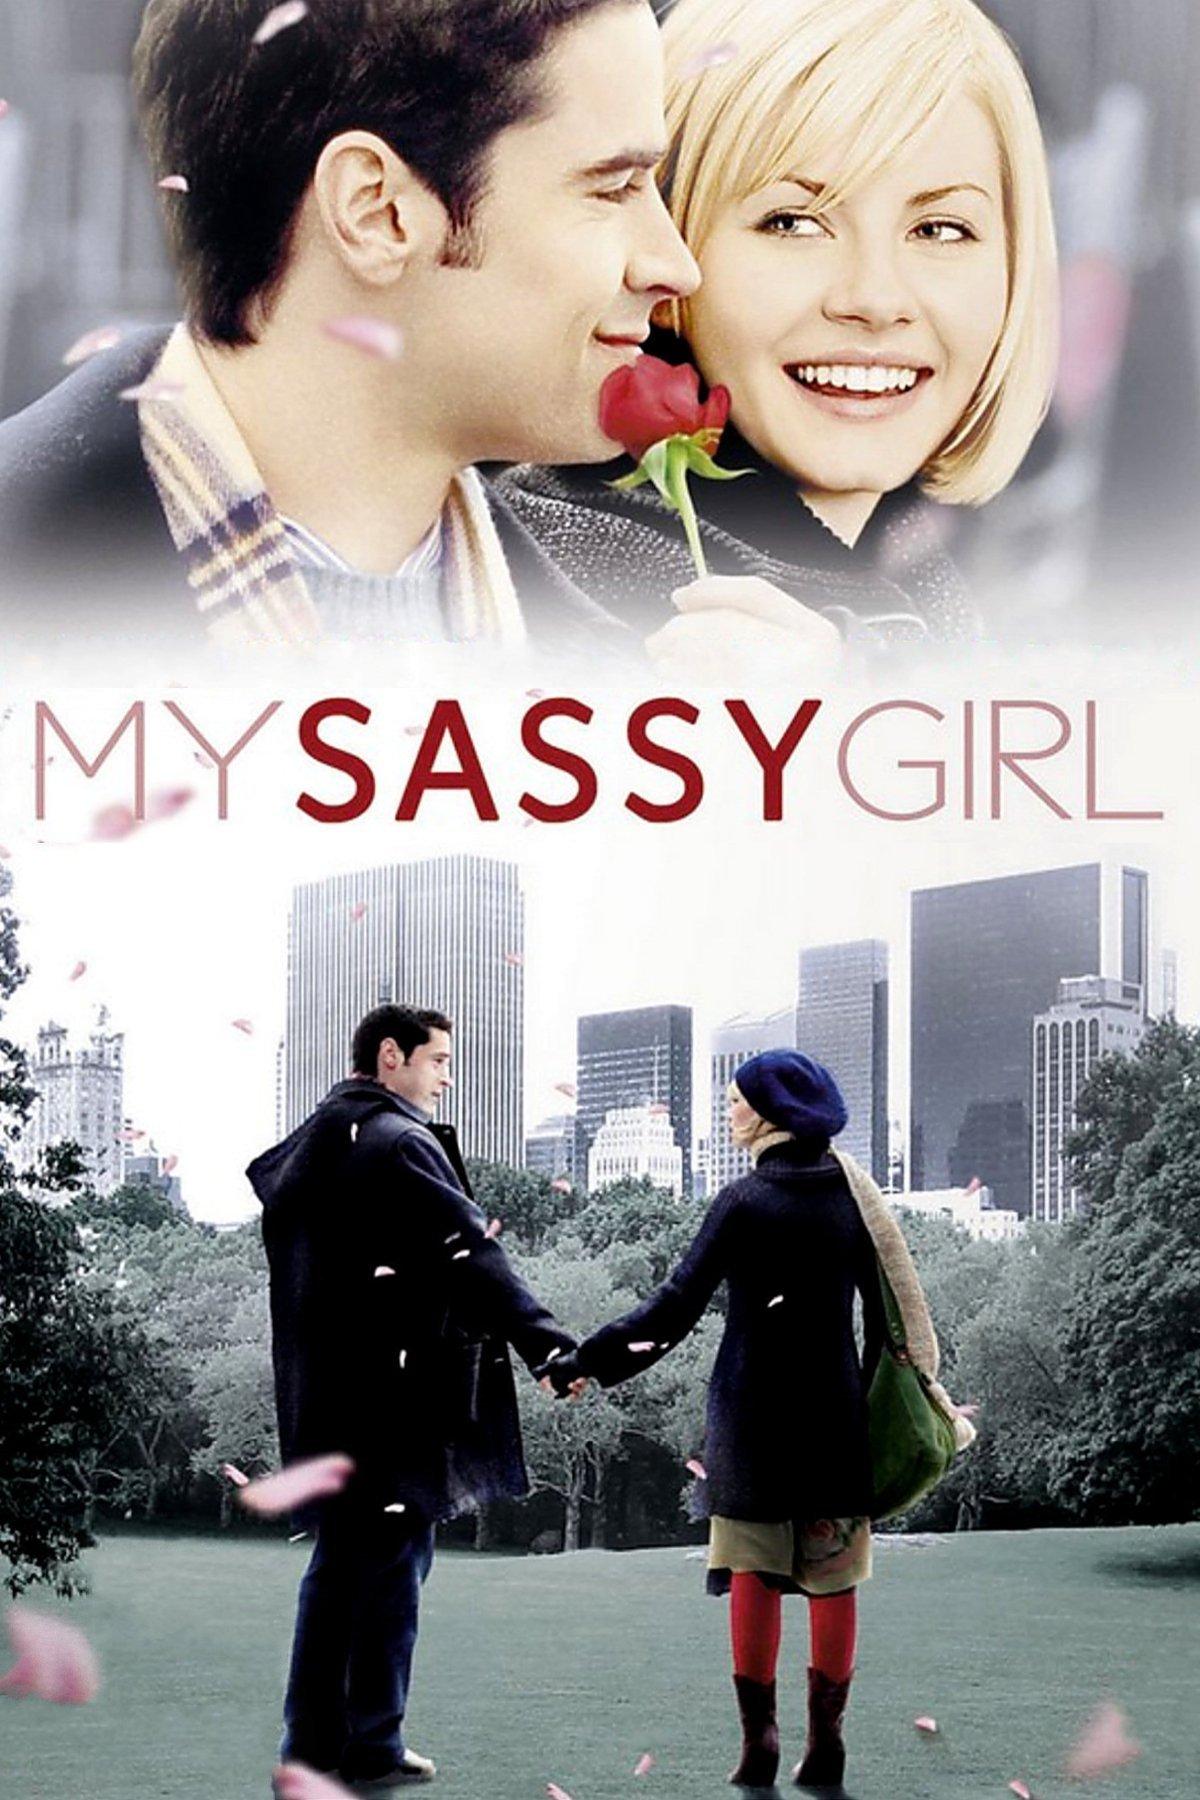 ჩემი საძაგელი გოგონა / My Sassy Girl